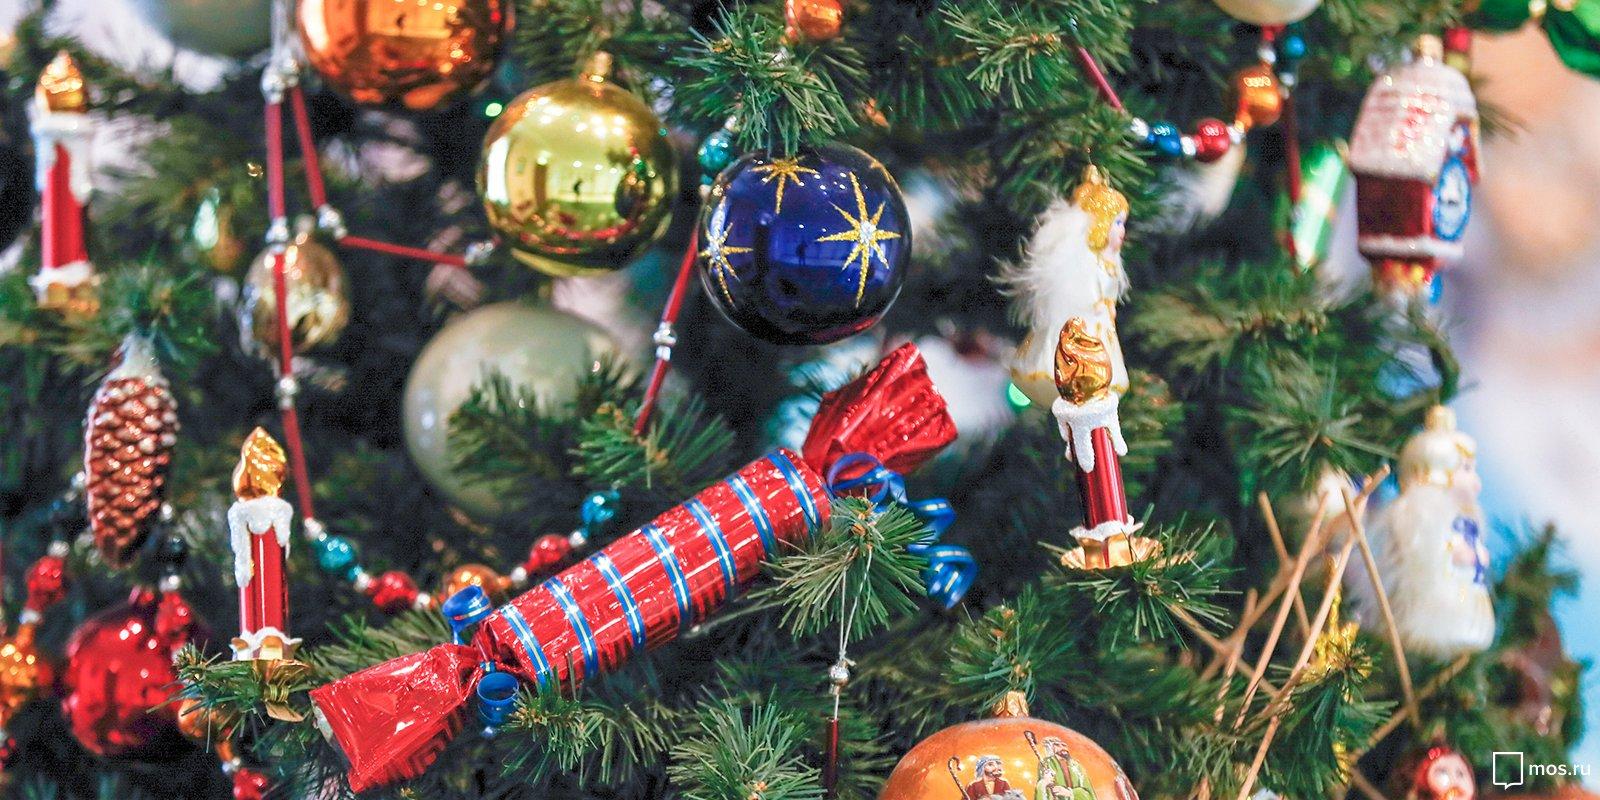 В СВАО пройдет благотворительная елка – жителей Алтуфьева попросили помочь с подарками